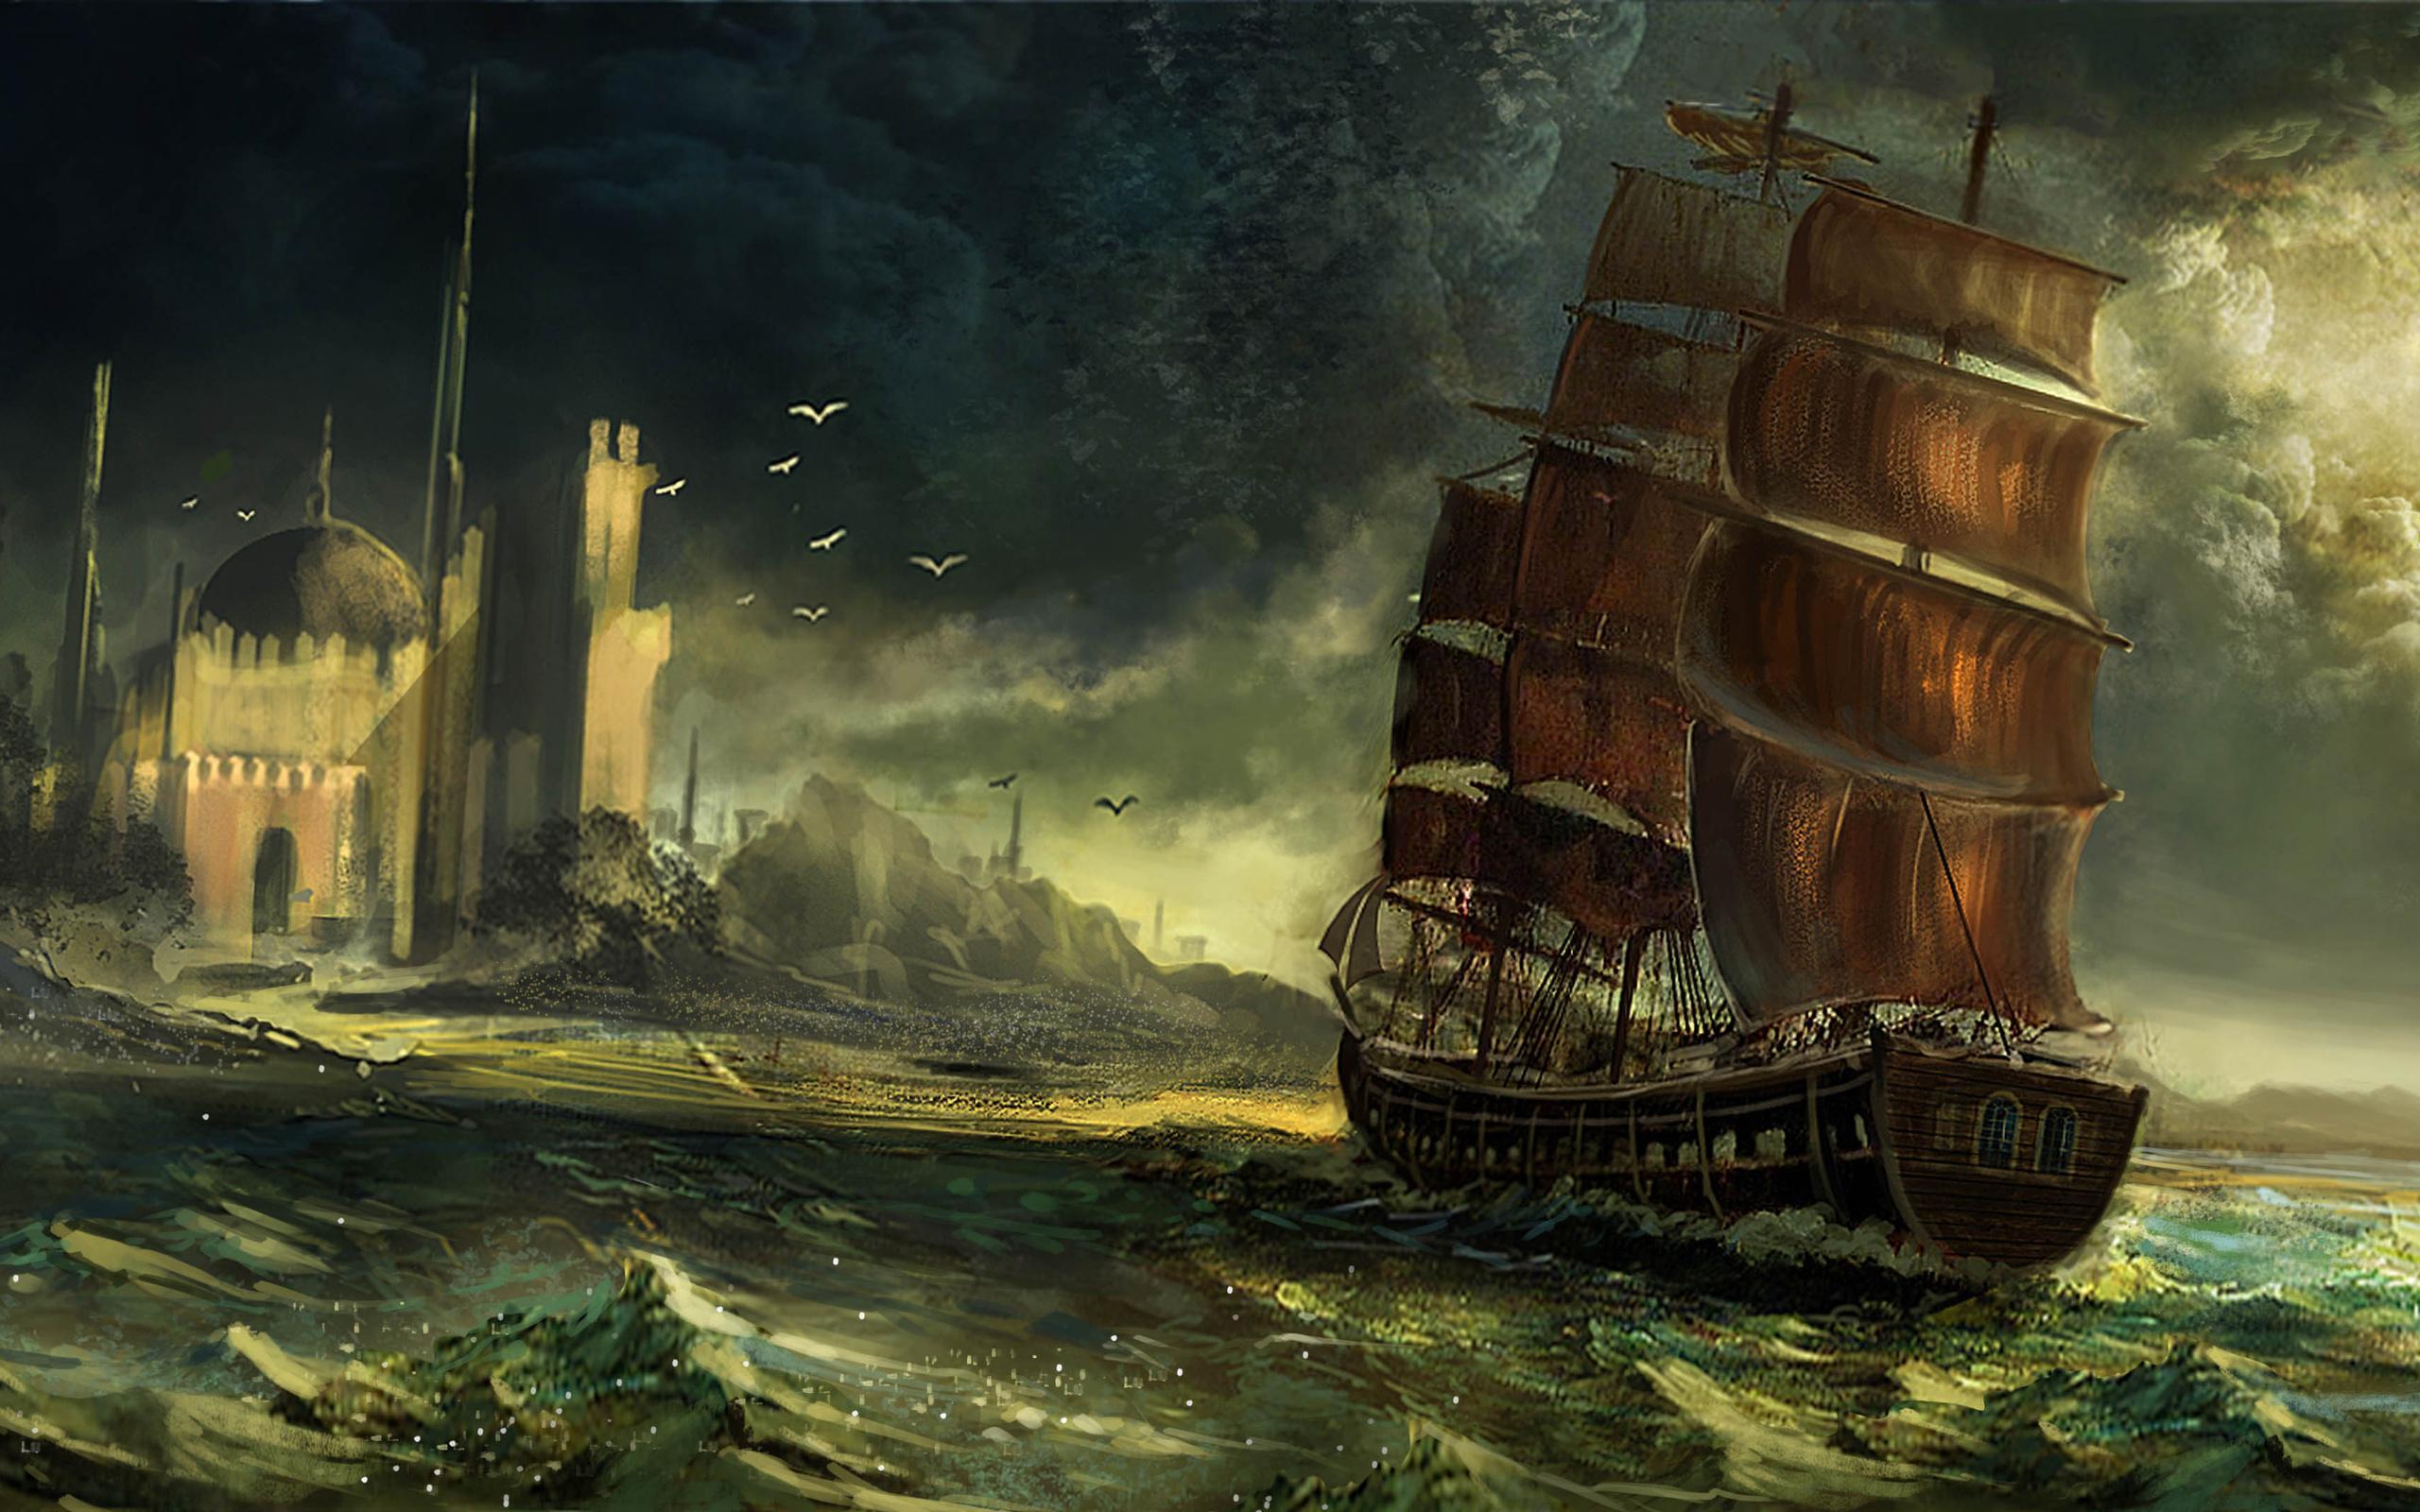 pirate ship wallpaper hd wallpapersafari